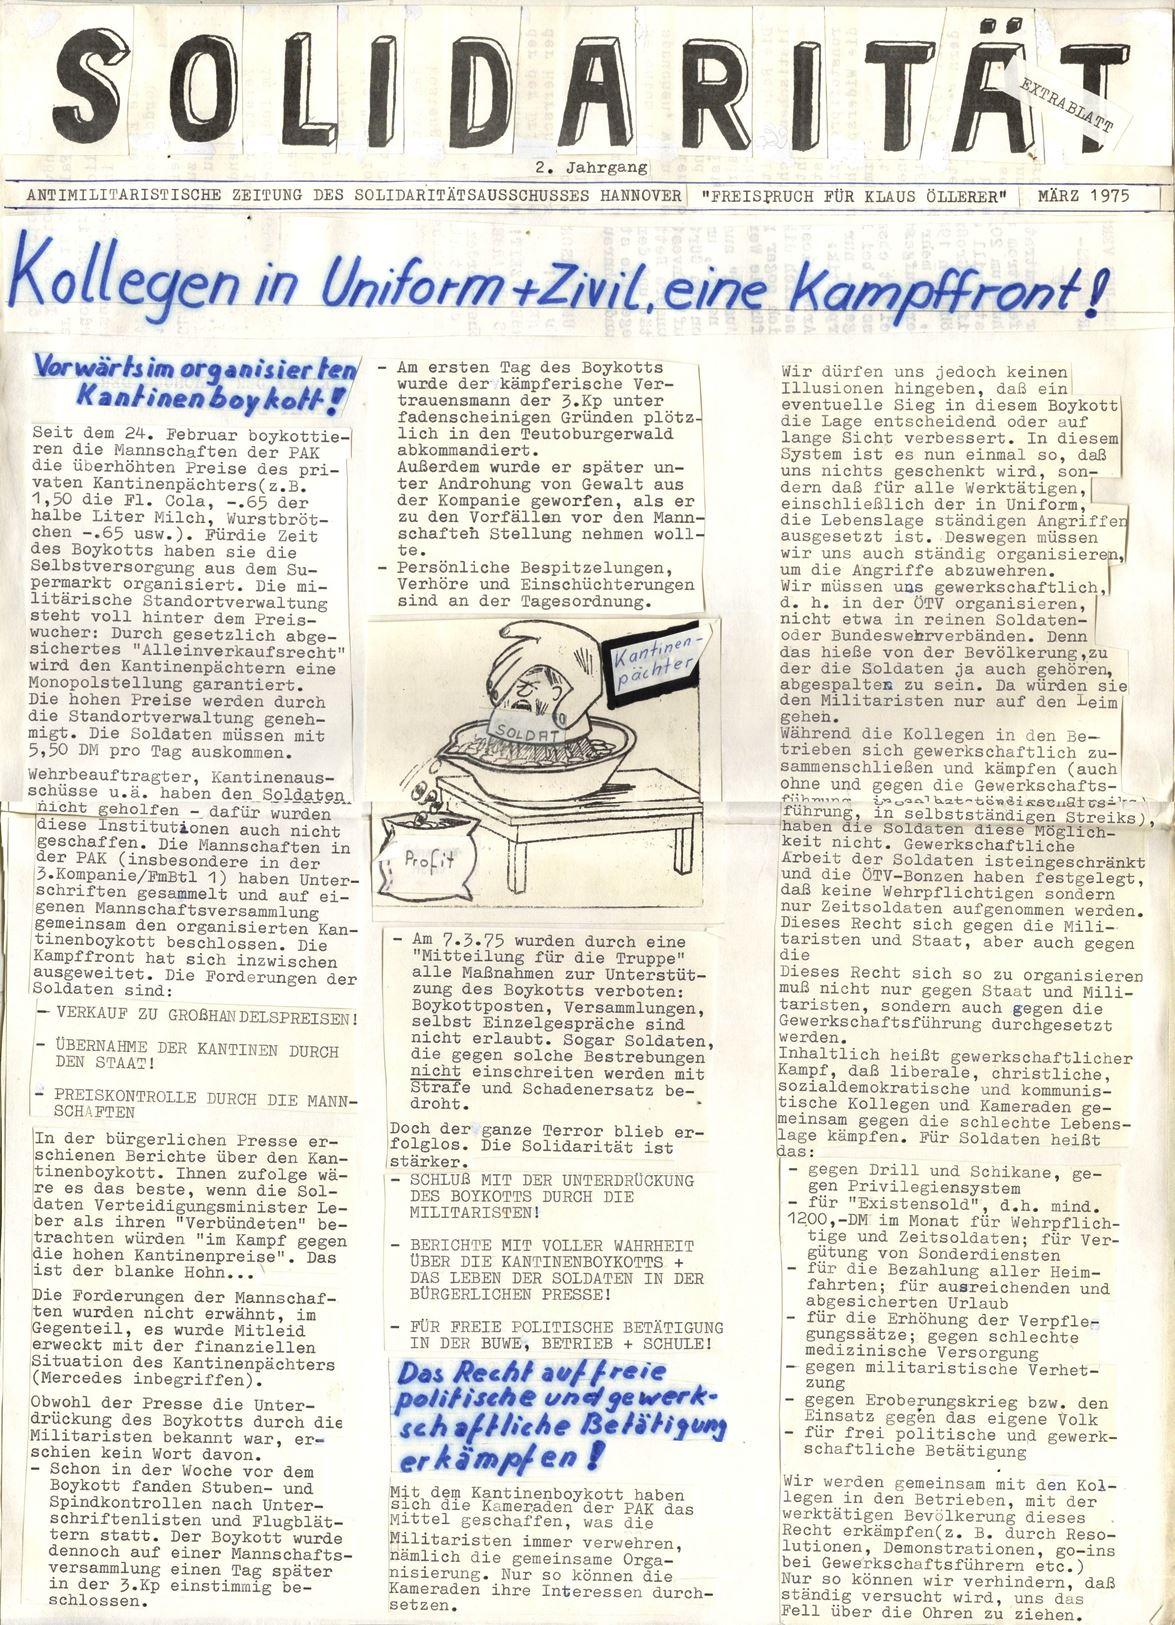 Oellerer293